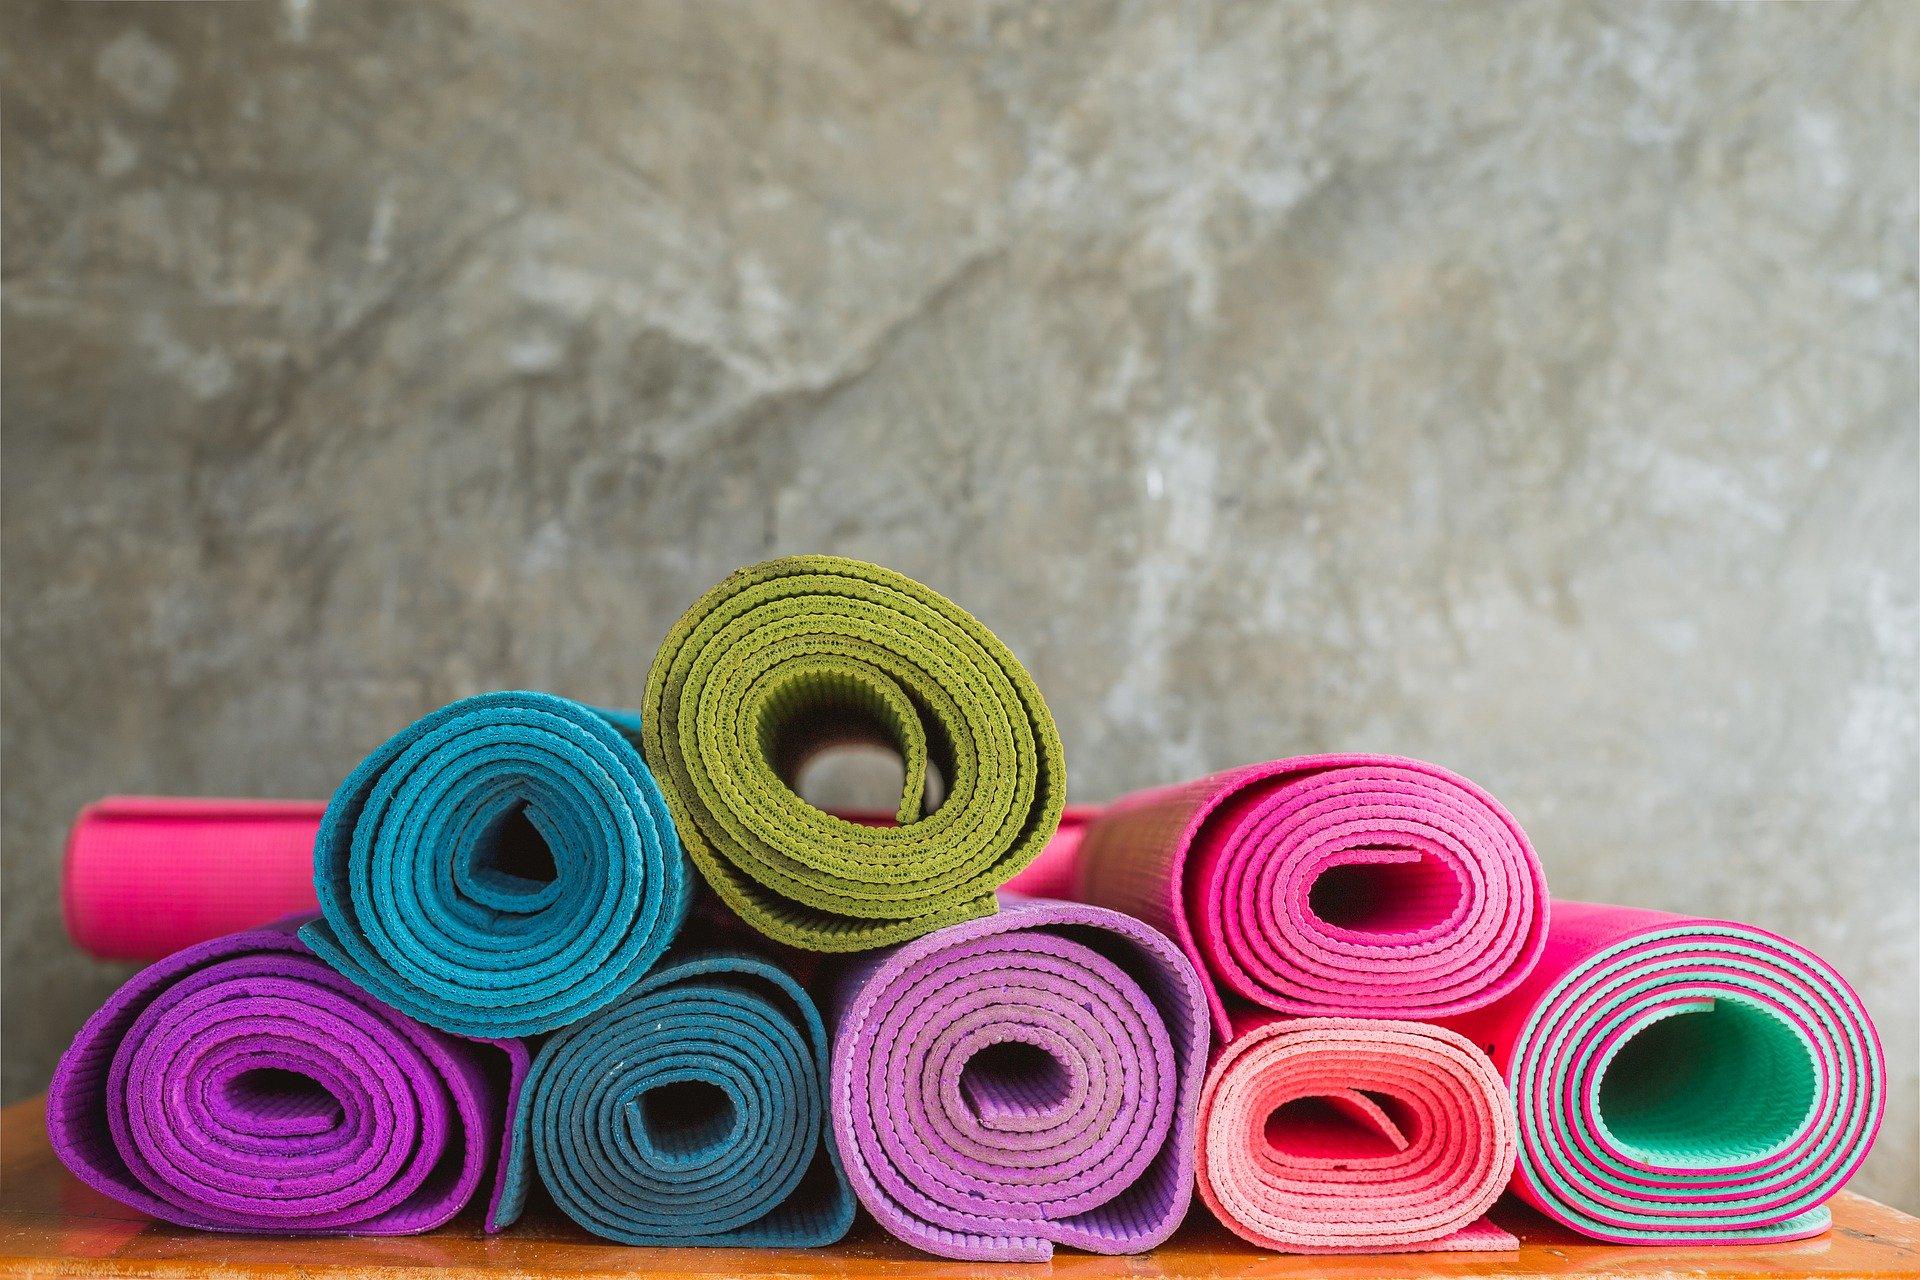 Retrouvez tous mes conseils pour choisir votre tapis de Yoga : critères de sélection, marques,... L'occasion de choisir selon votre budget !